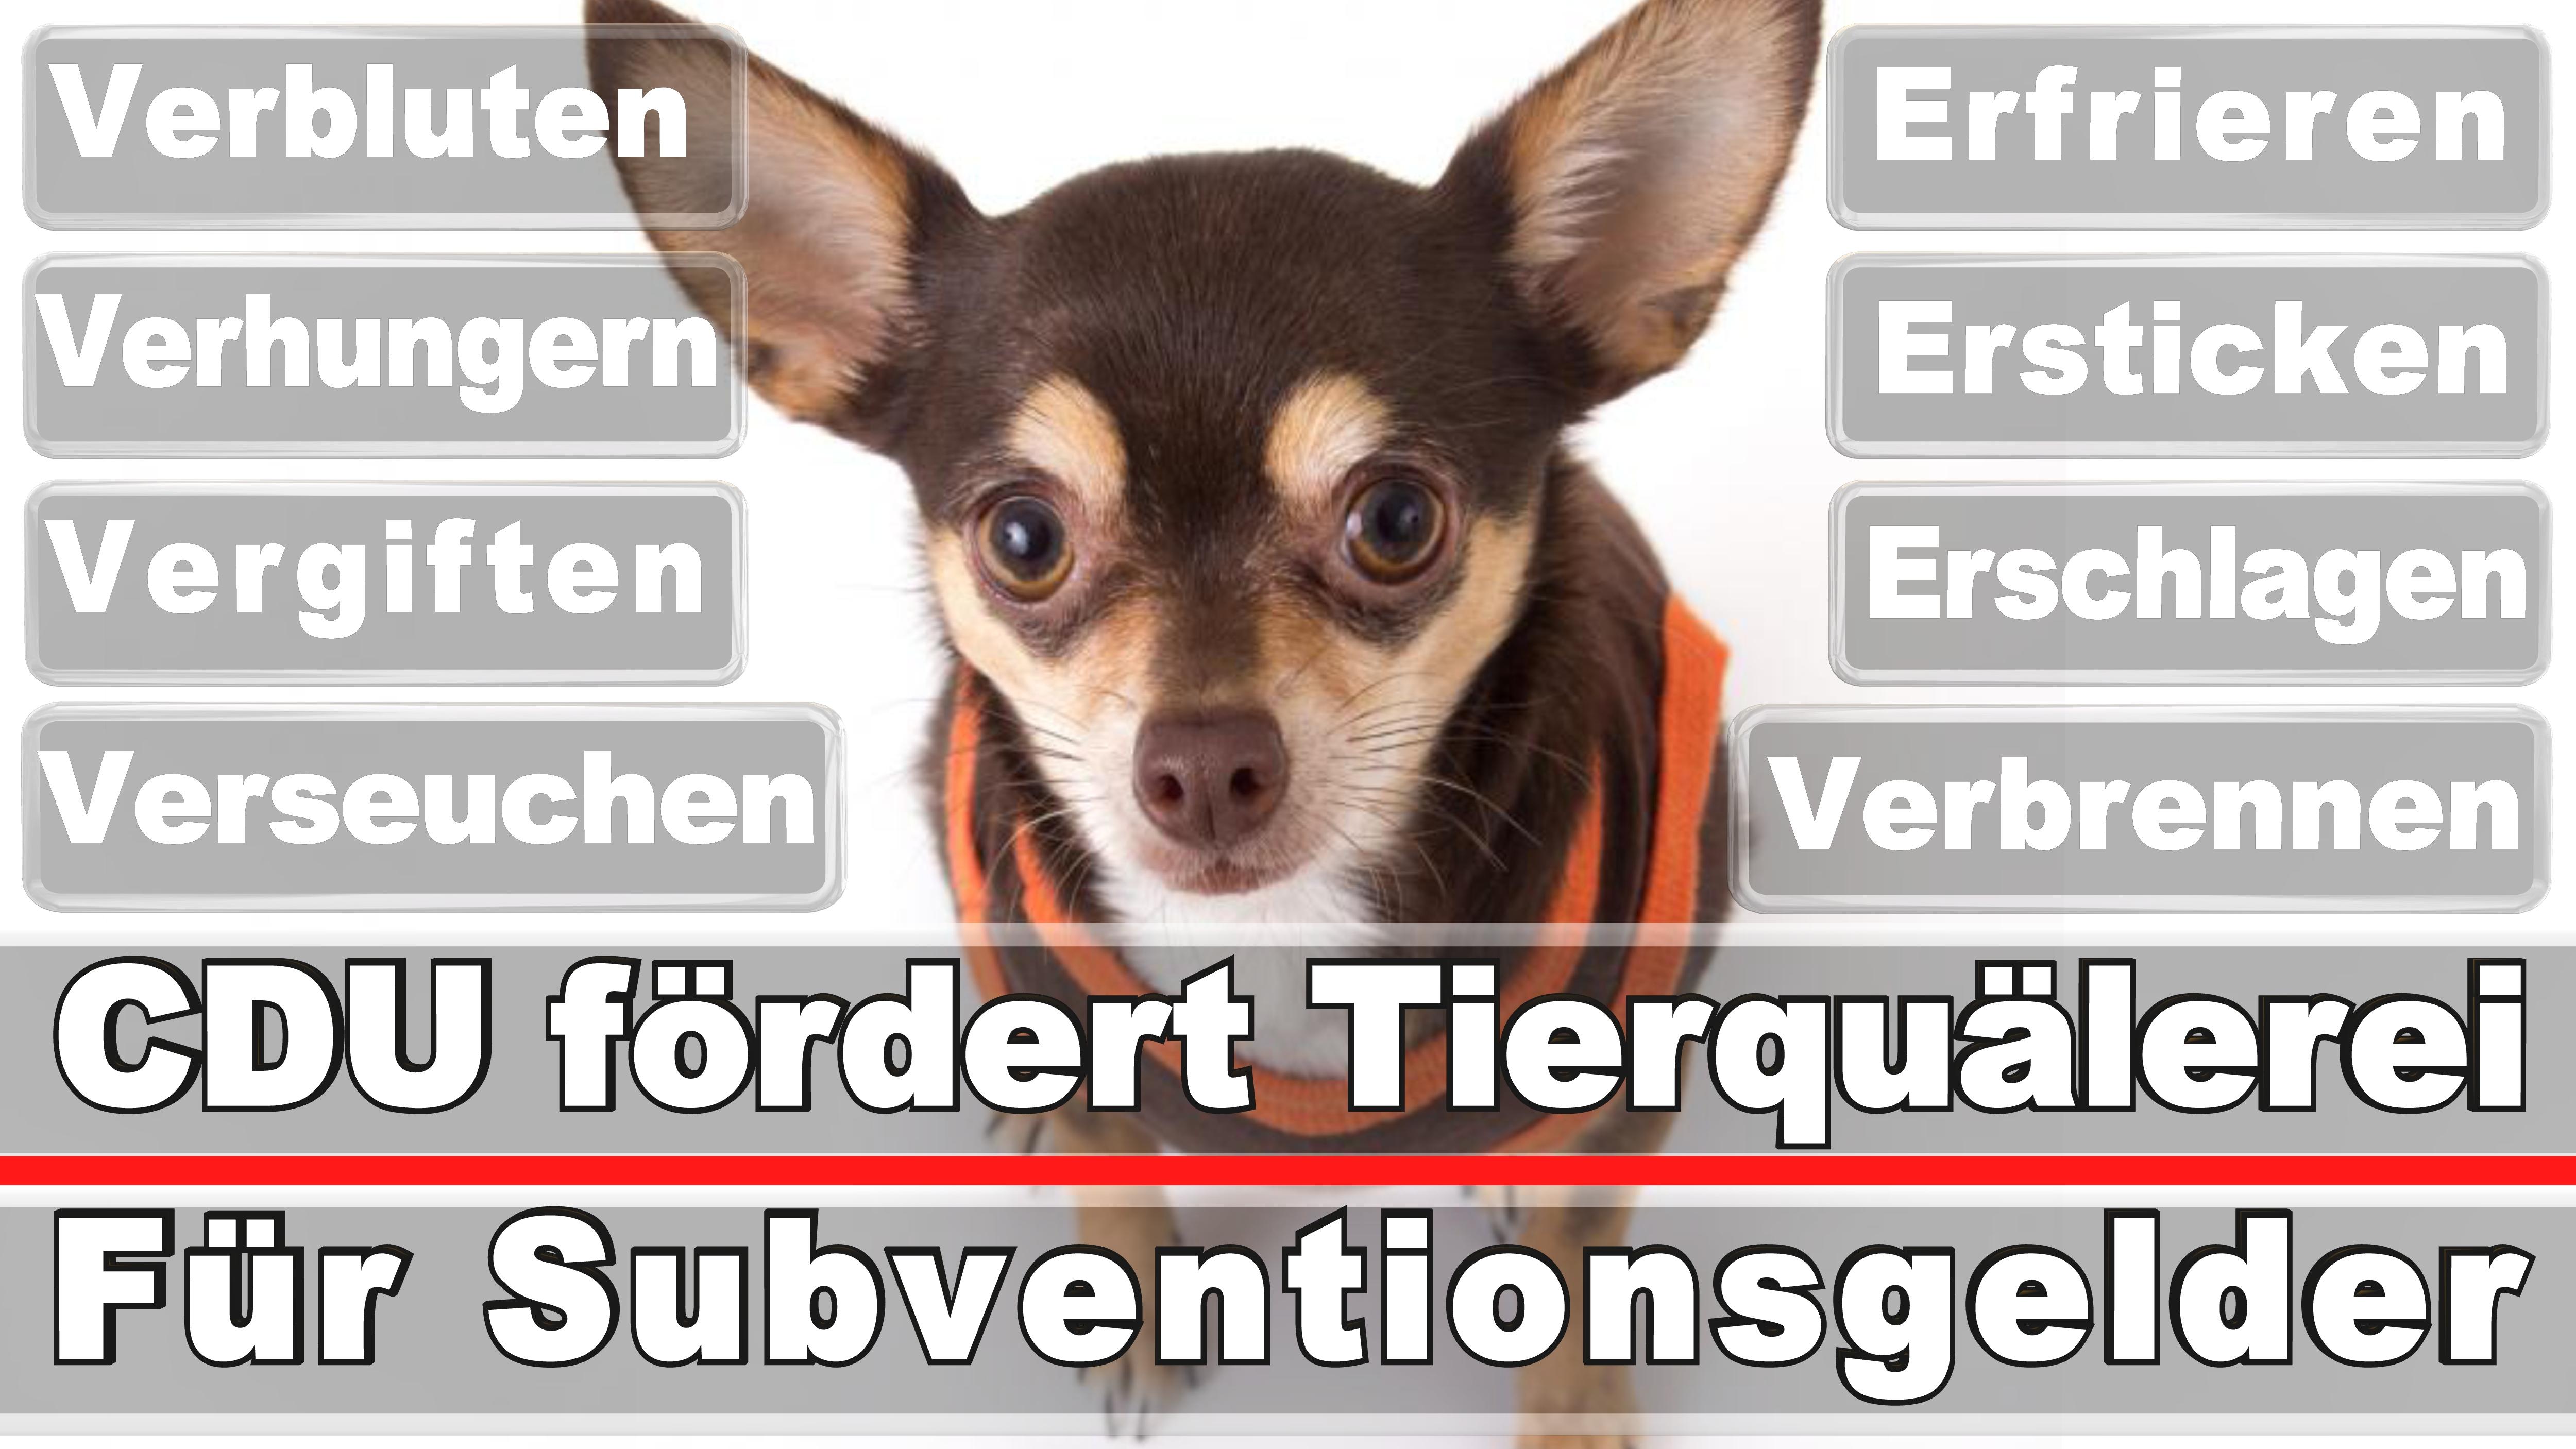 Landtagswahl-Bundestagswahl-CDU-SPD-FDP-AFD-Linke-Piraten (25)